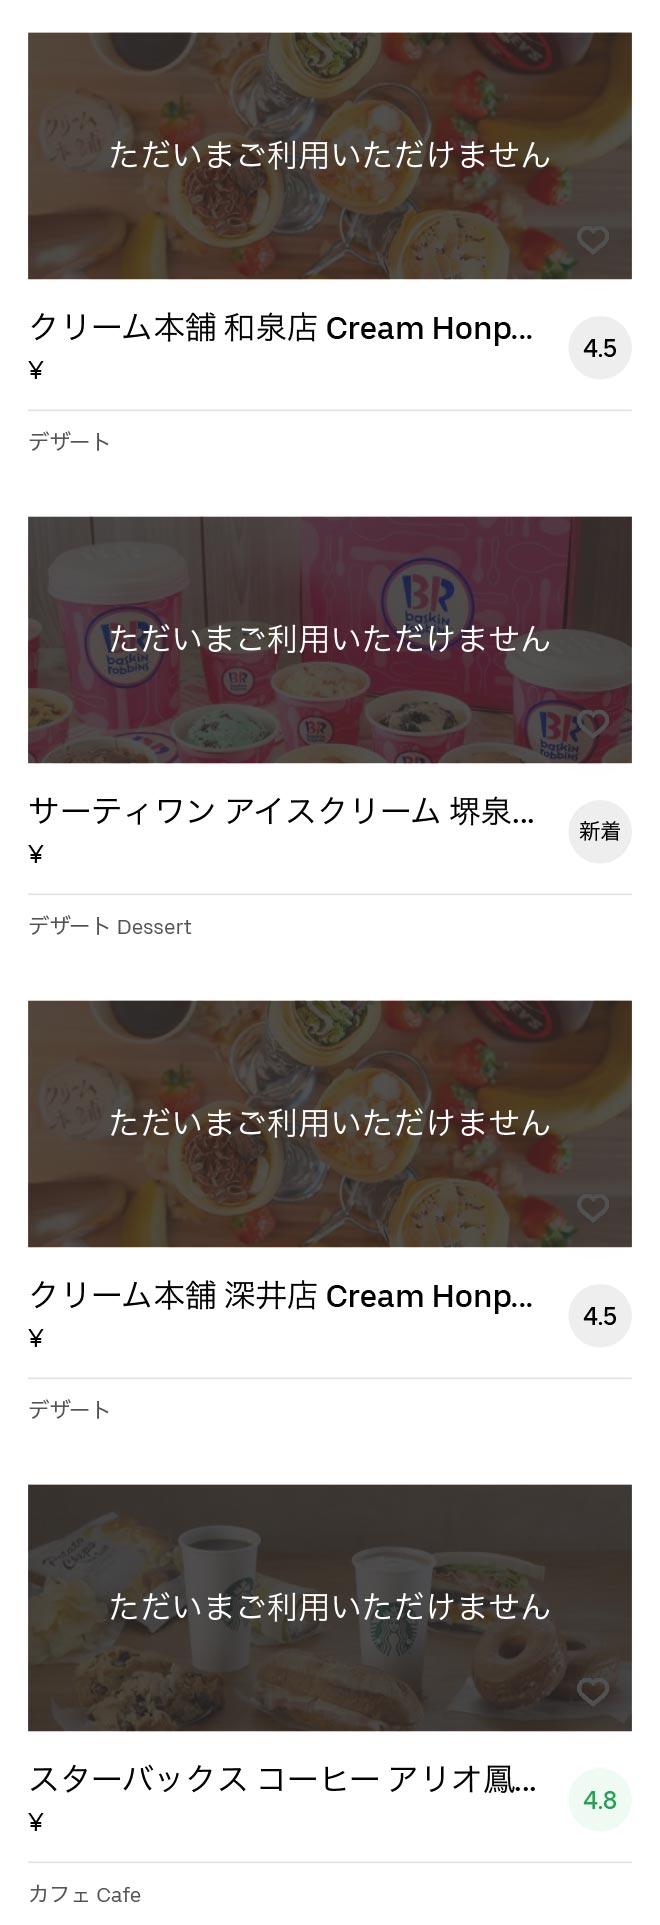 Sakai ootori menu 2005 07